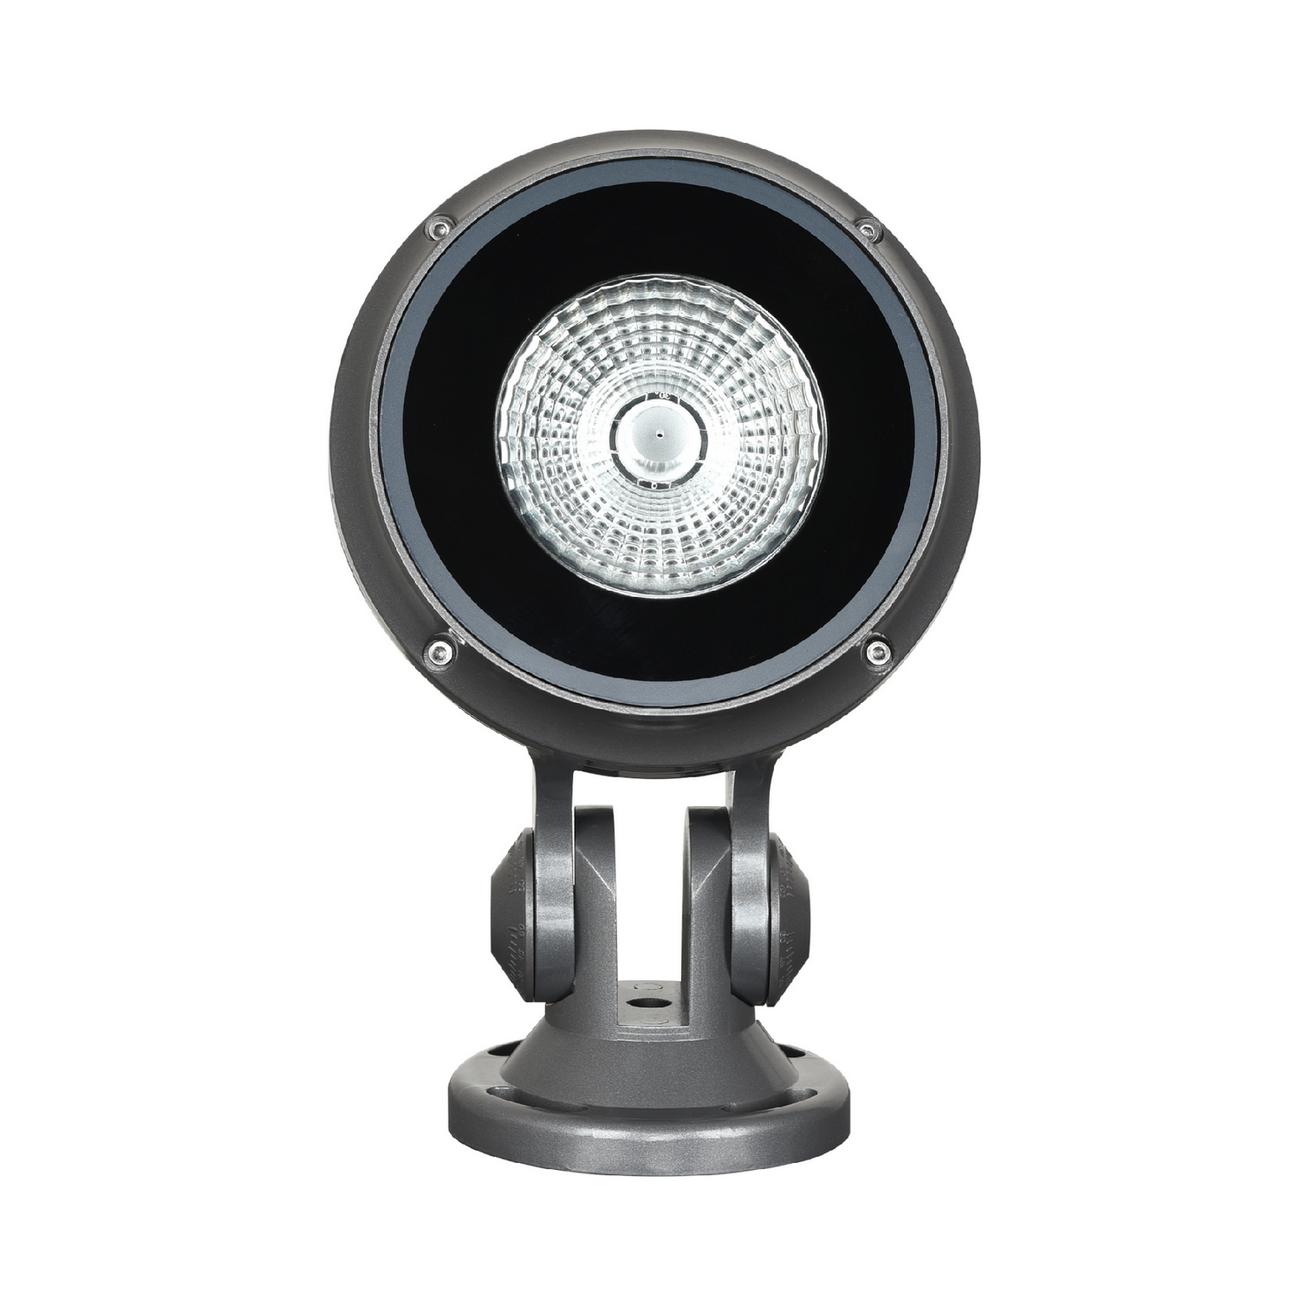 Outer spot light TS2030-403